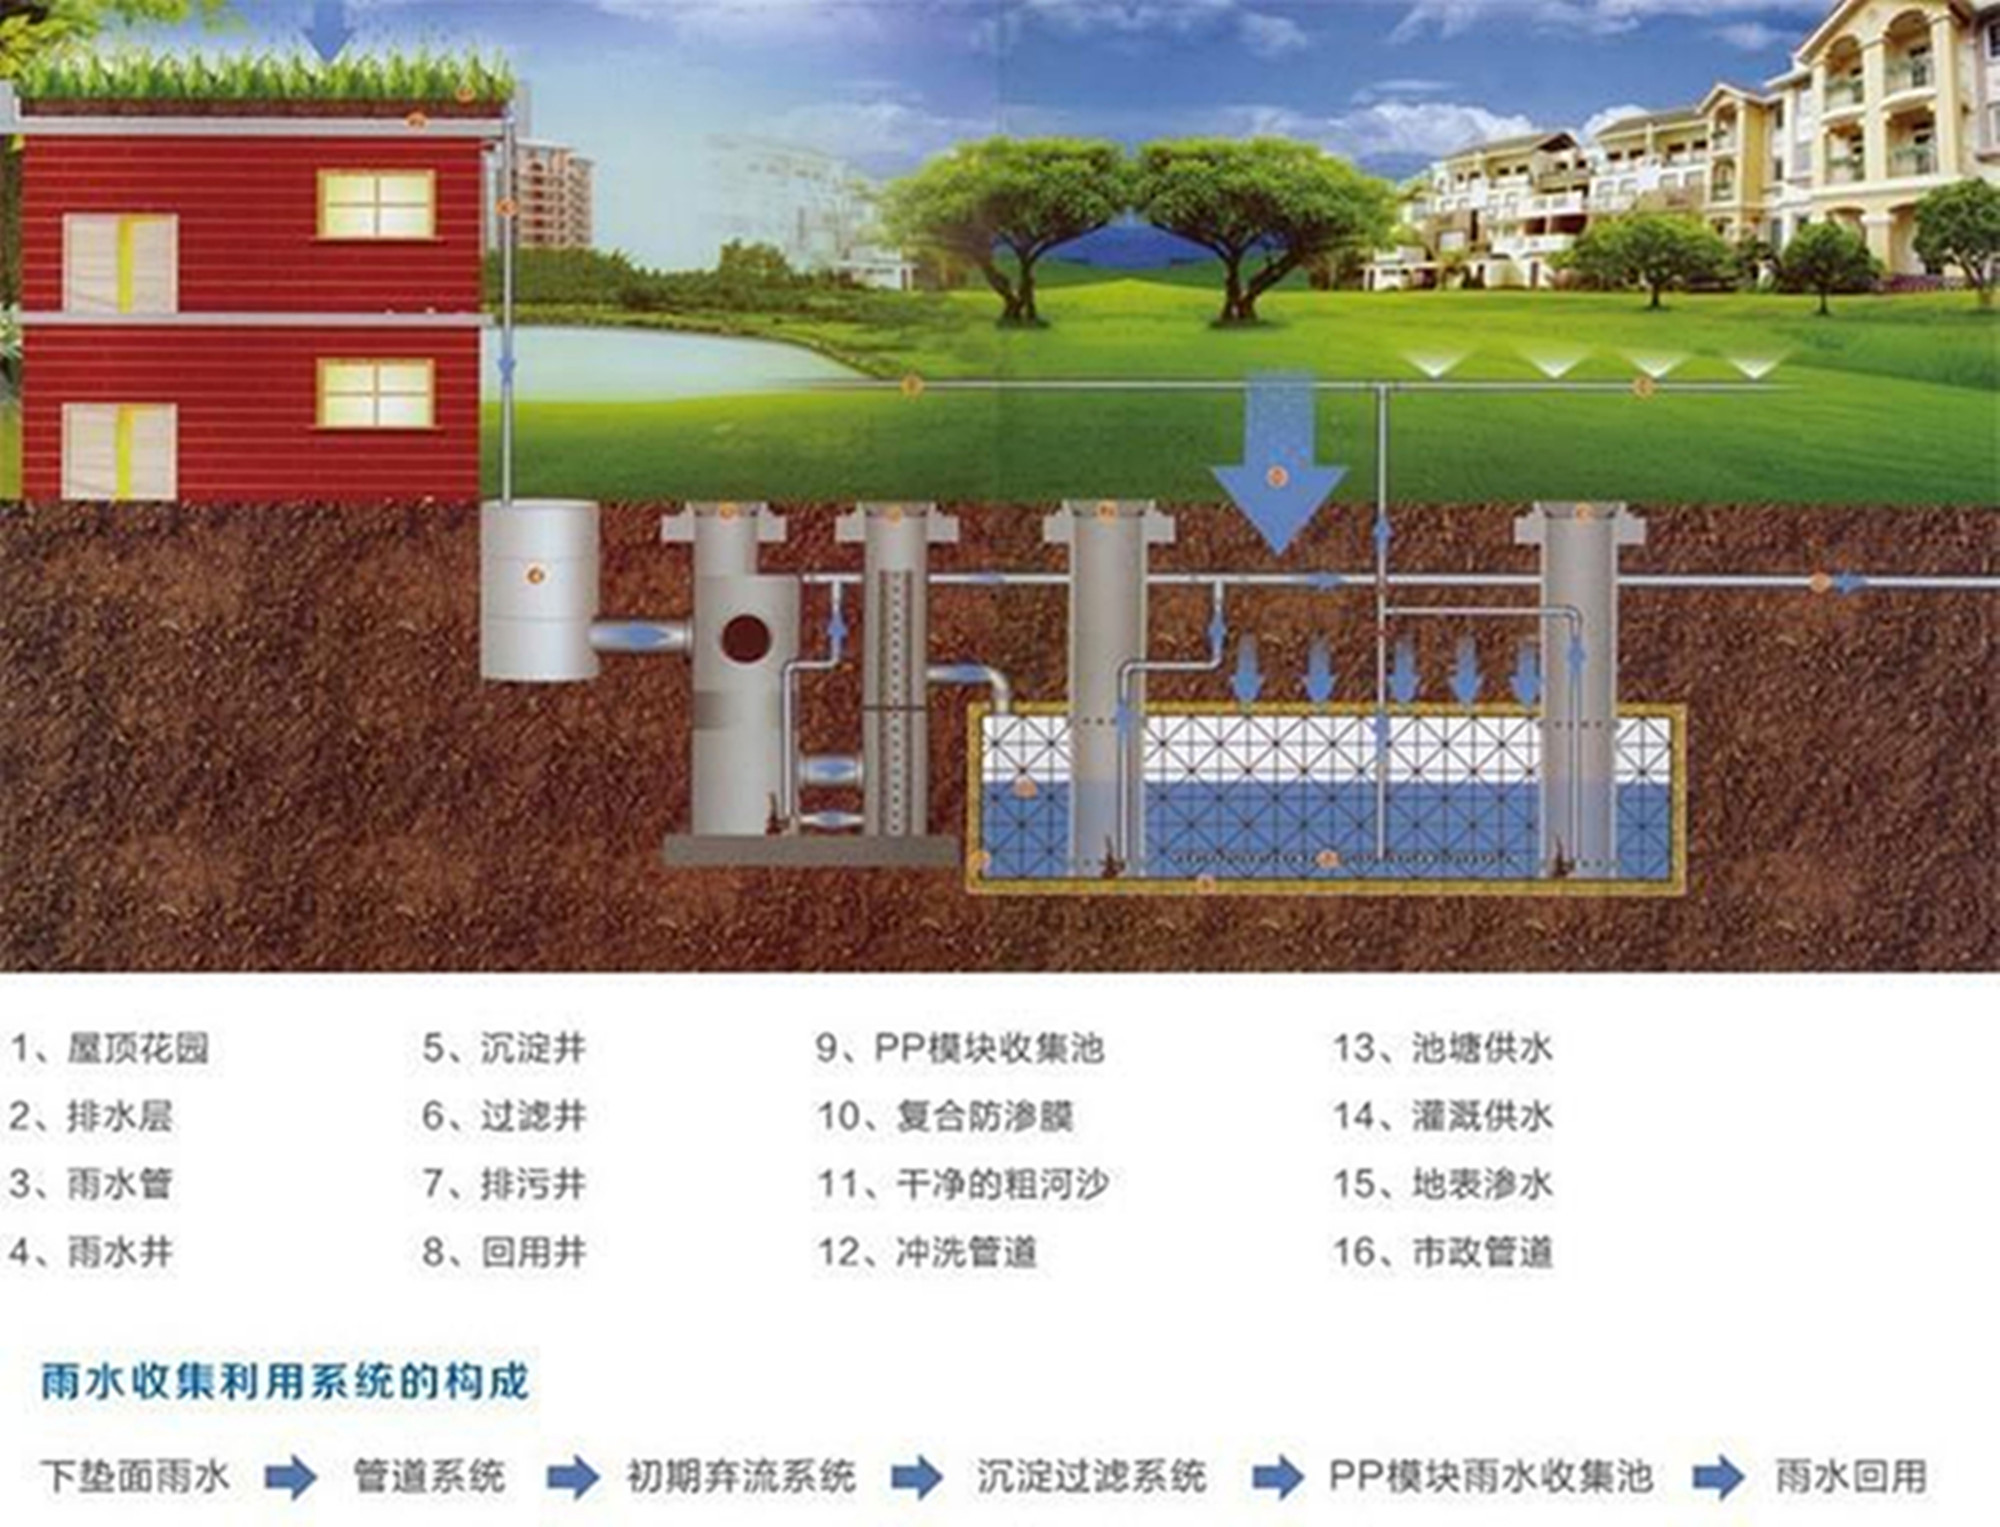 雨博士雨水收集流程: 雨水管道---------截污管道-------雨水弃流